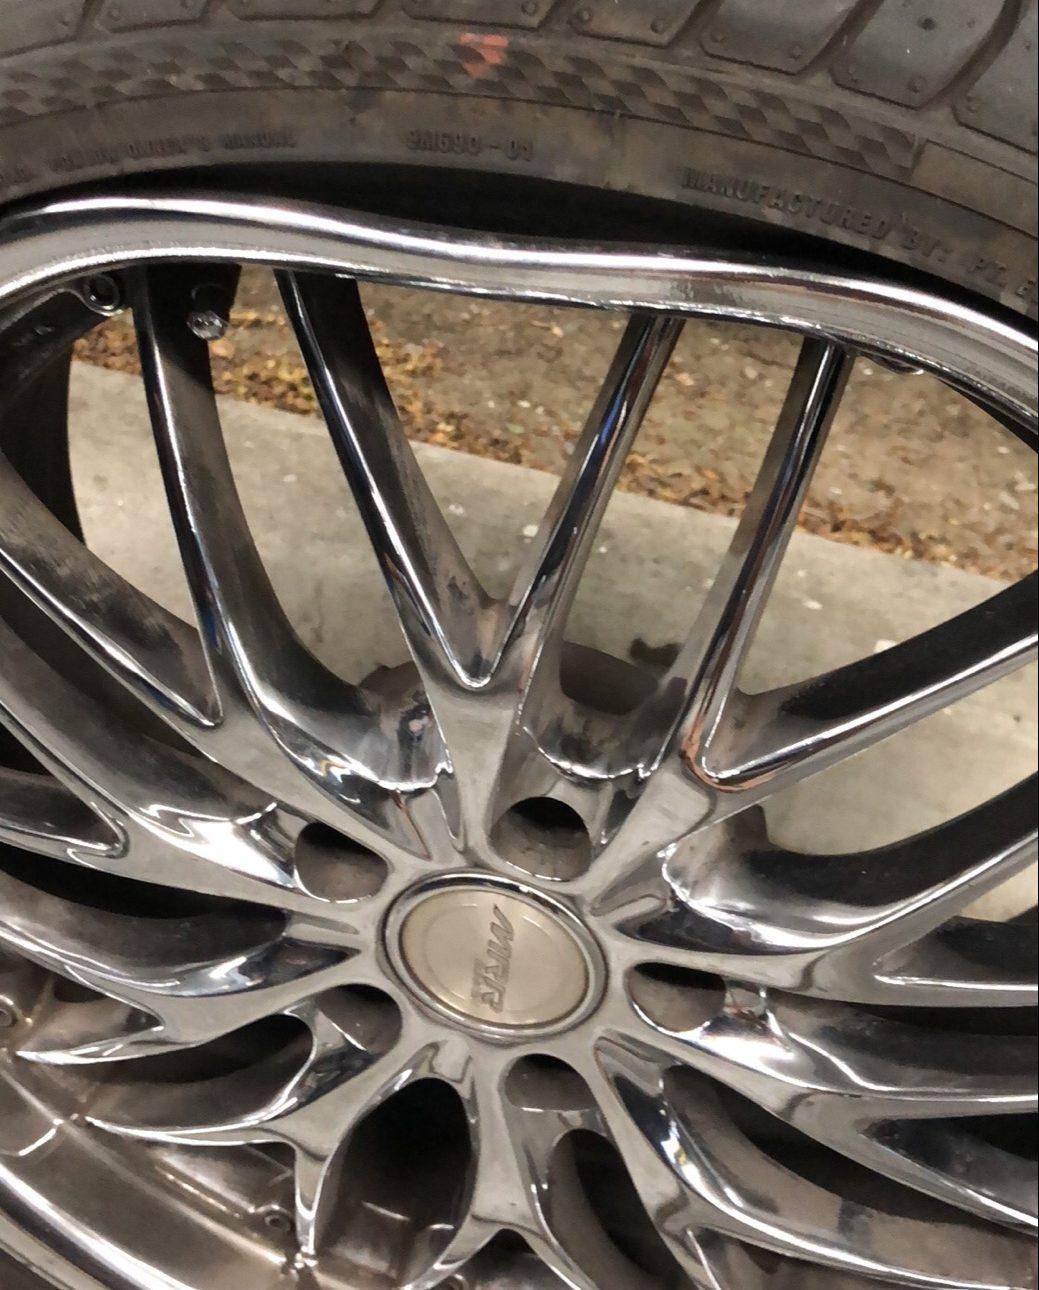 Wheel Techniques - Your Bodyshop for wheels! - Wheel Techniques